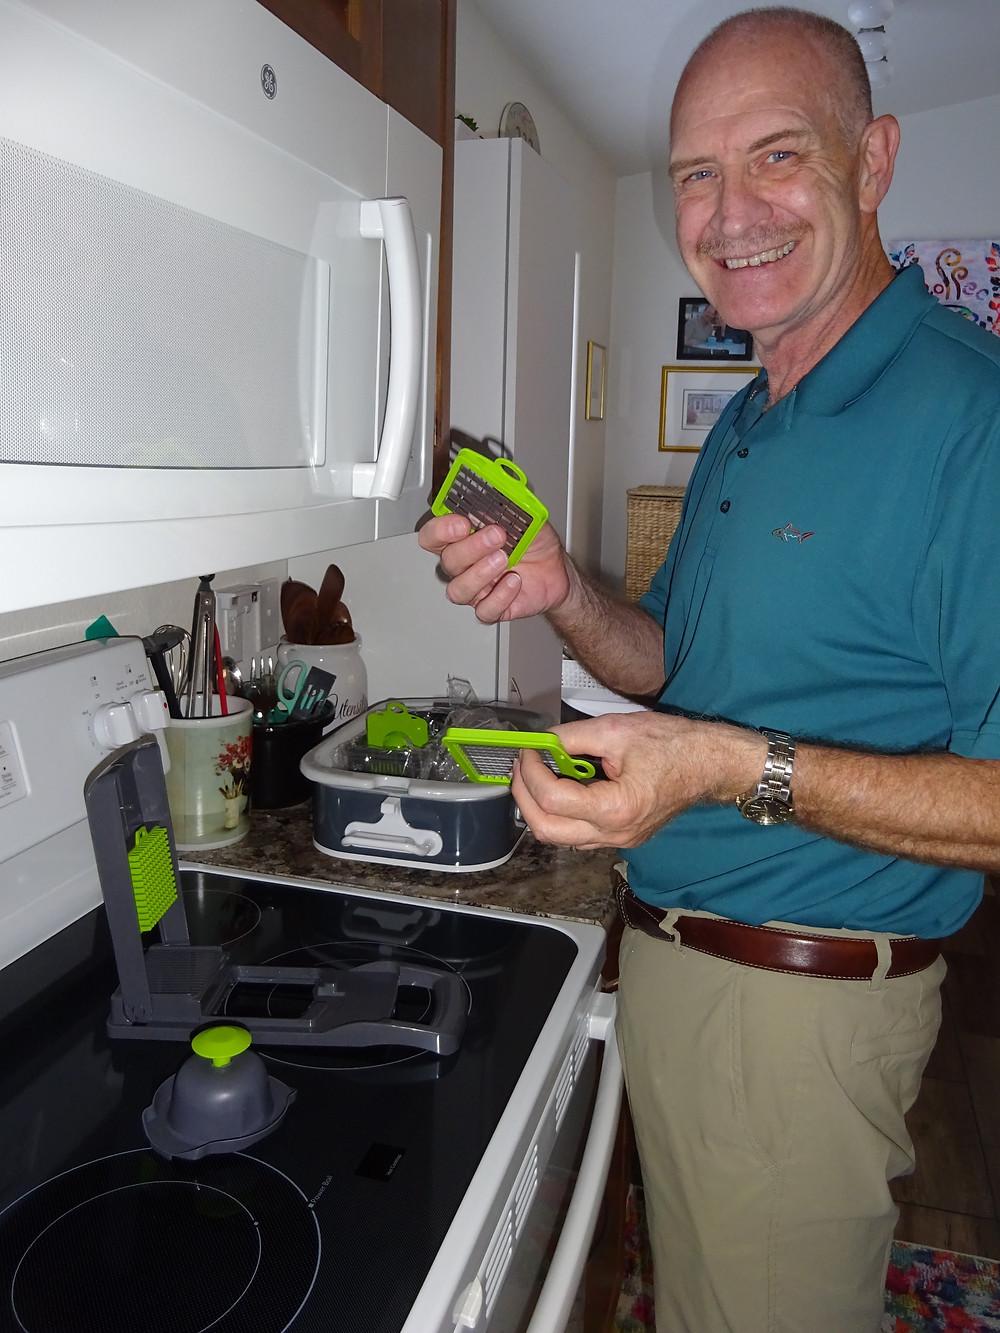 Steve Bechen cooking